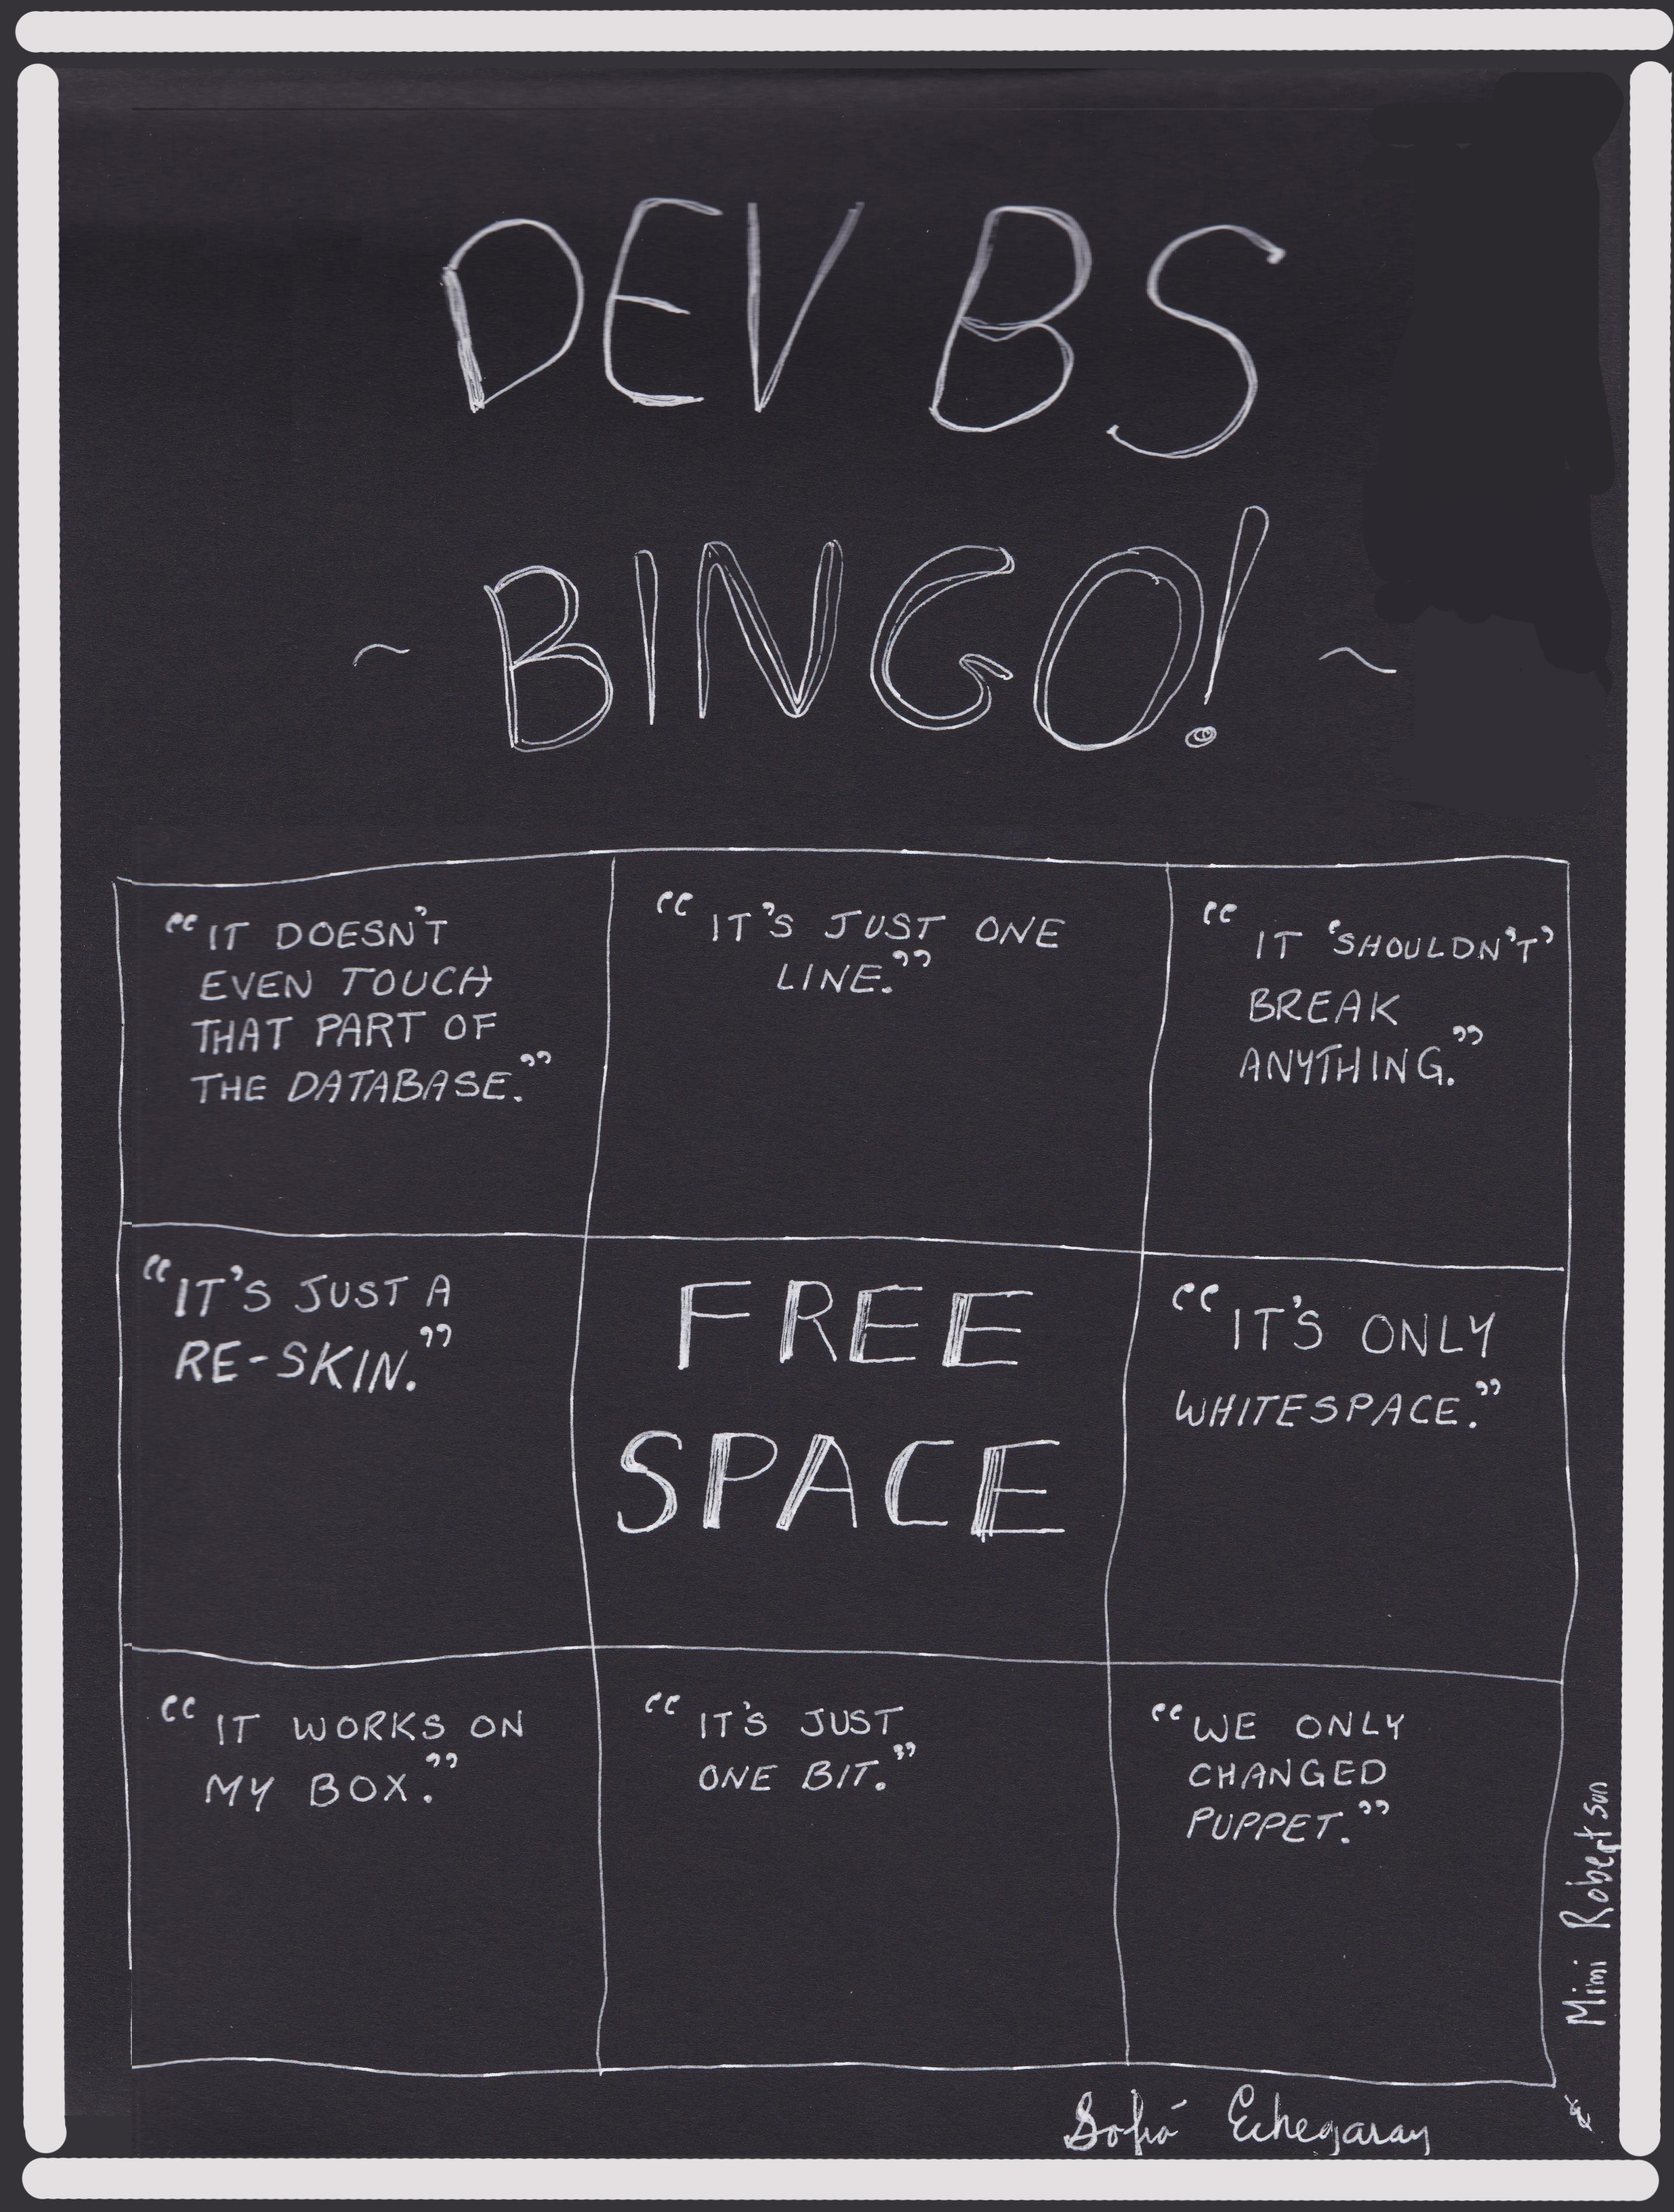 Dev BS Bingo - Echegaray & Robertson